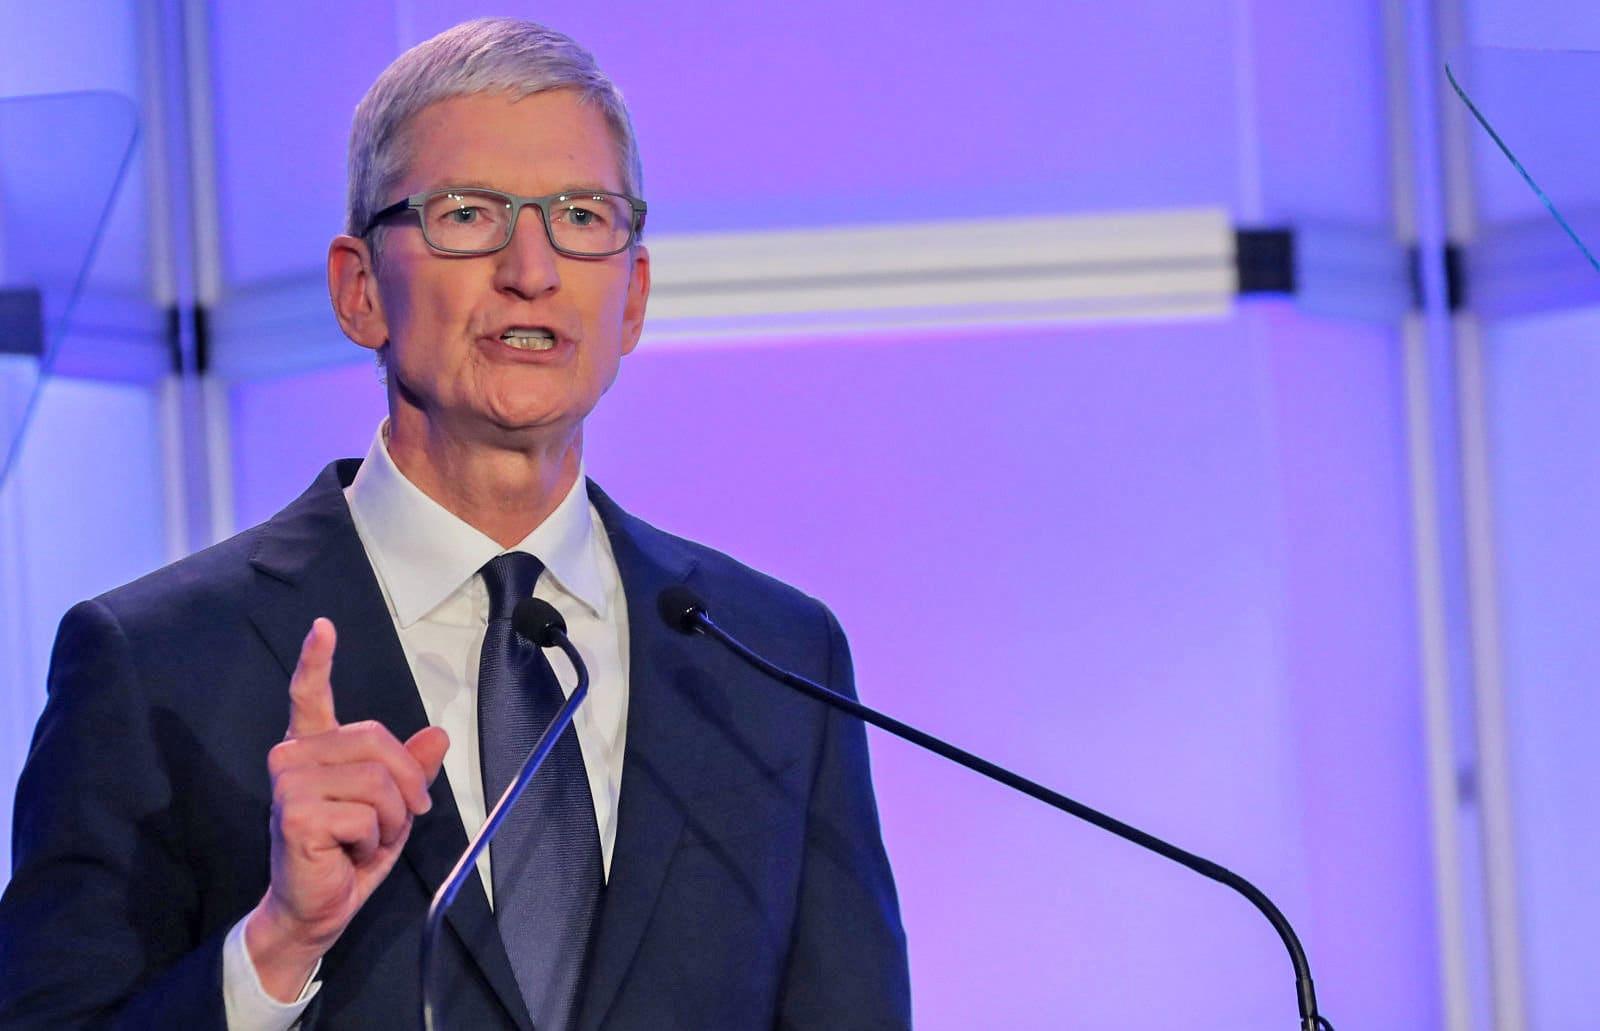 Số tiền mà Apple phải trả cho chi phí vận tải cao hơn mong muốn của Tim Cook. Ảnh: Engadget